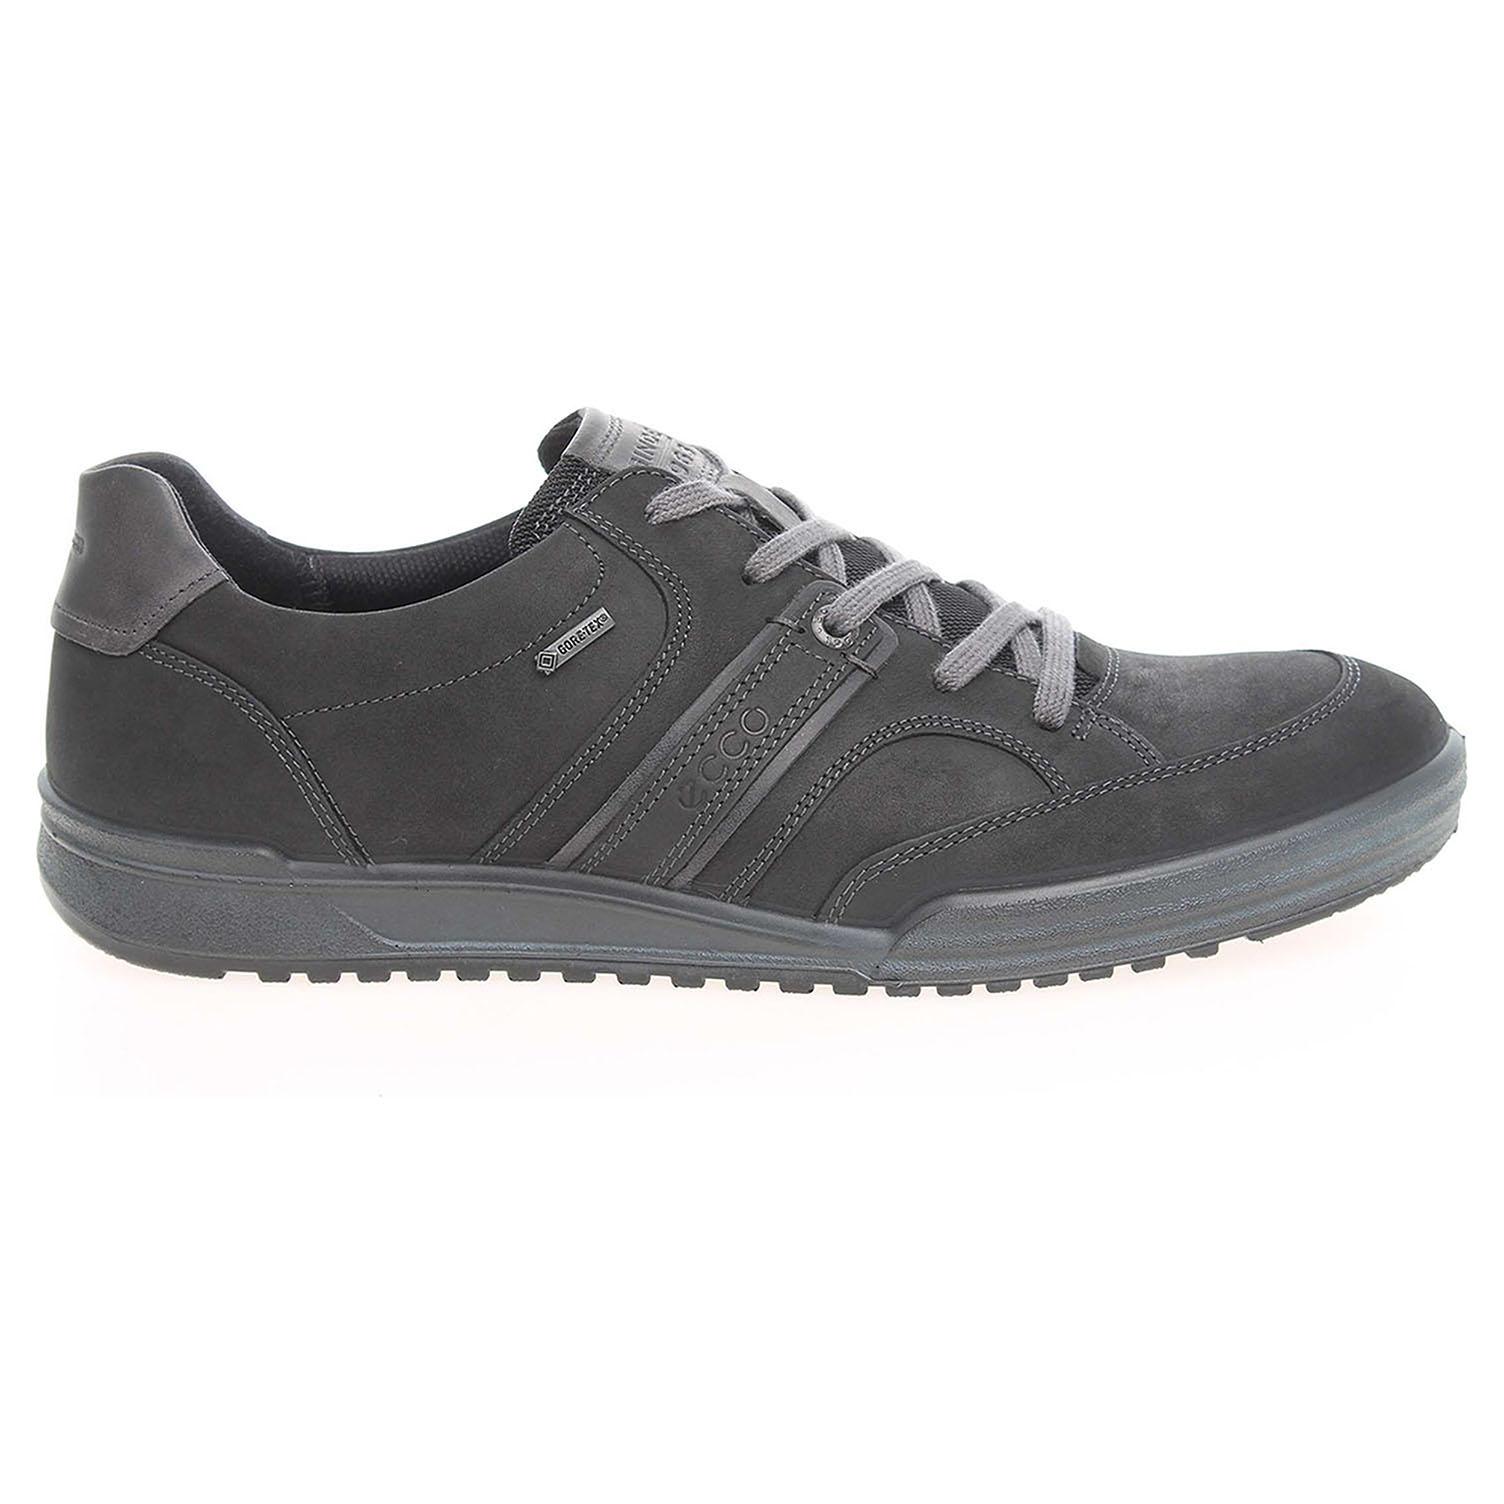 Ecco Ecco Fraser pánská obuv 53958455869 černá 24000404